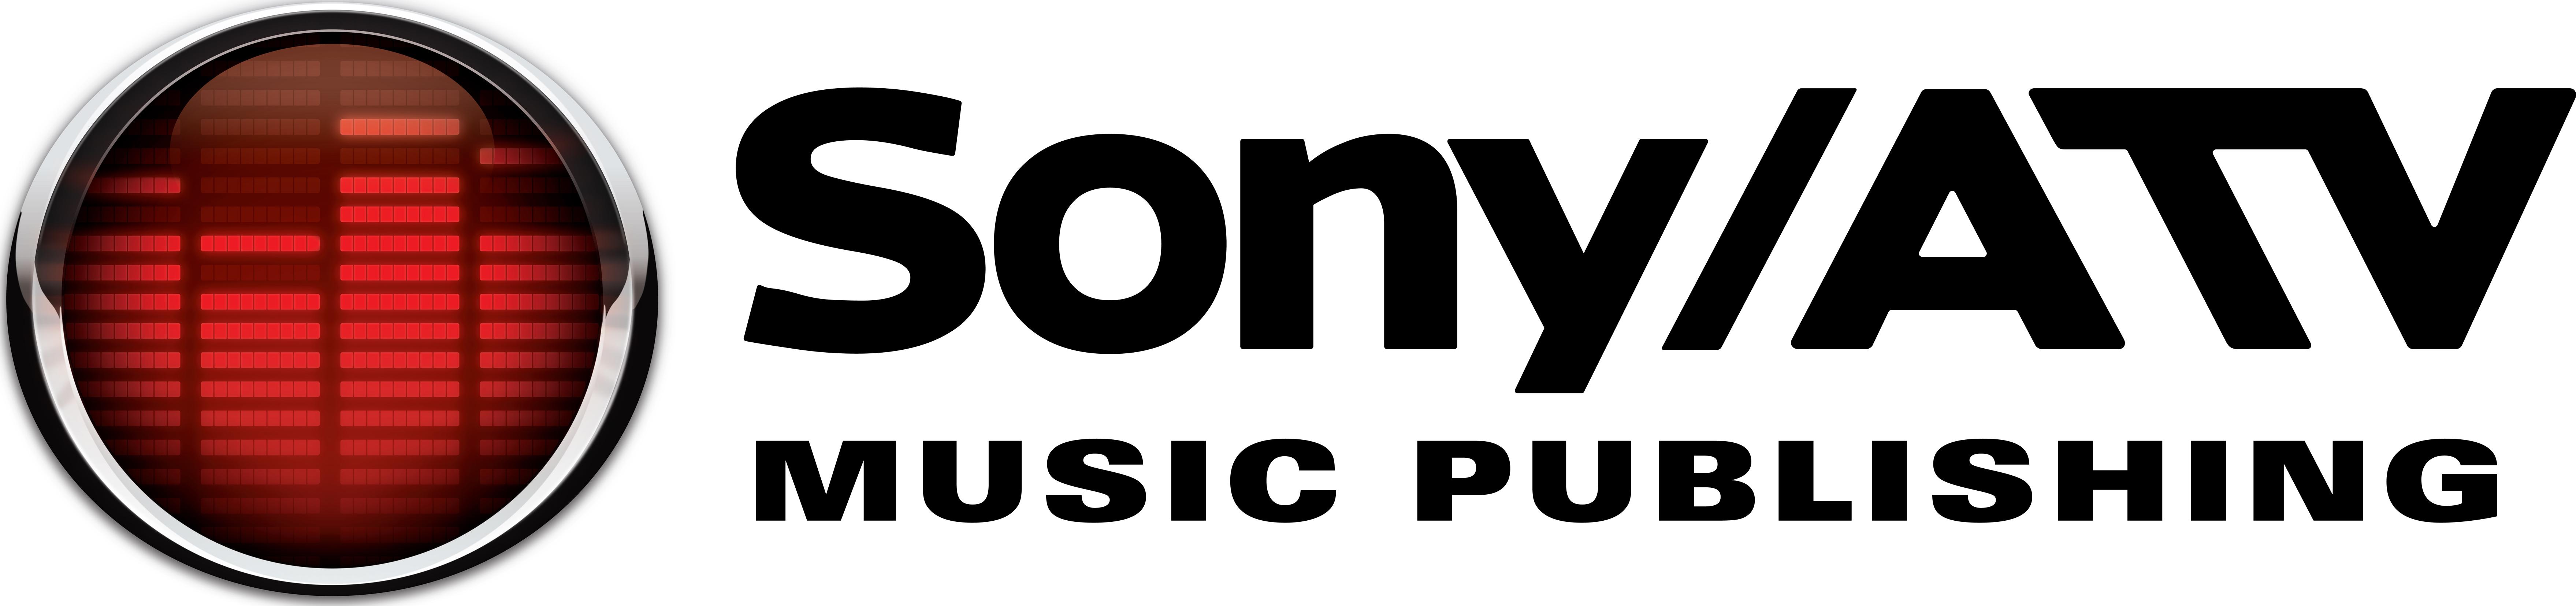 Bildergebnis für SONY ATV